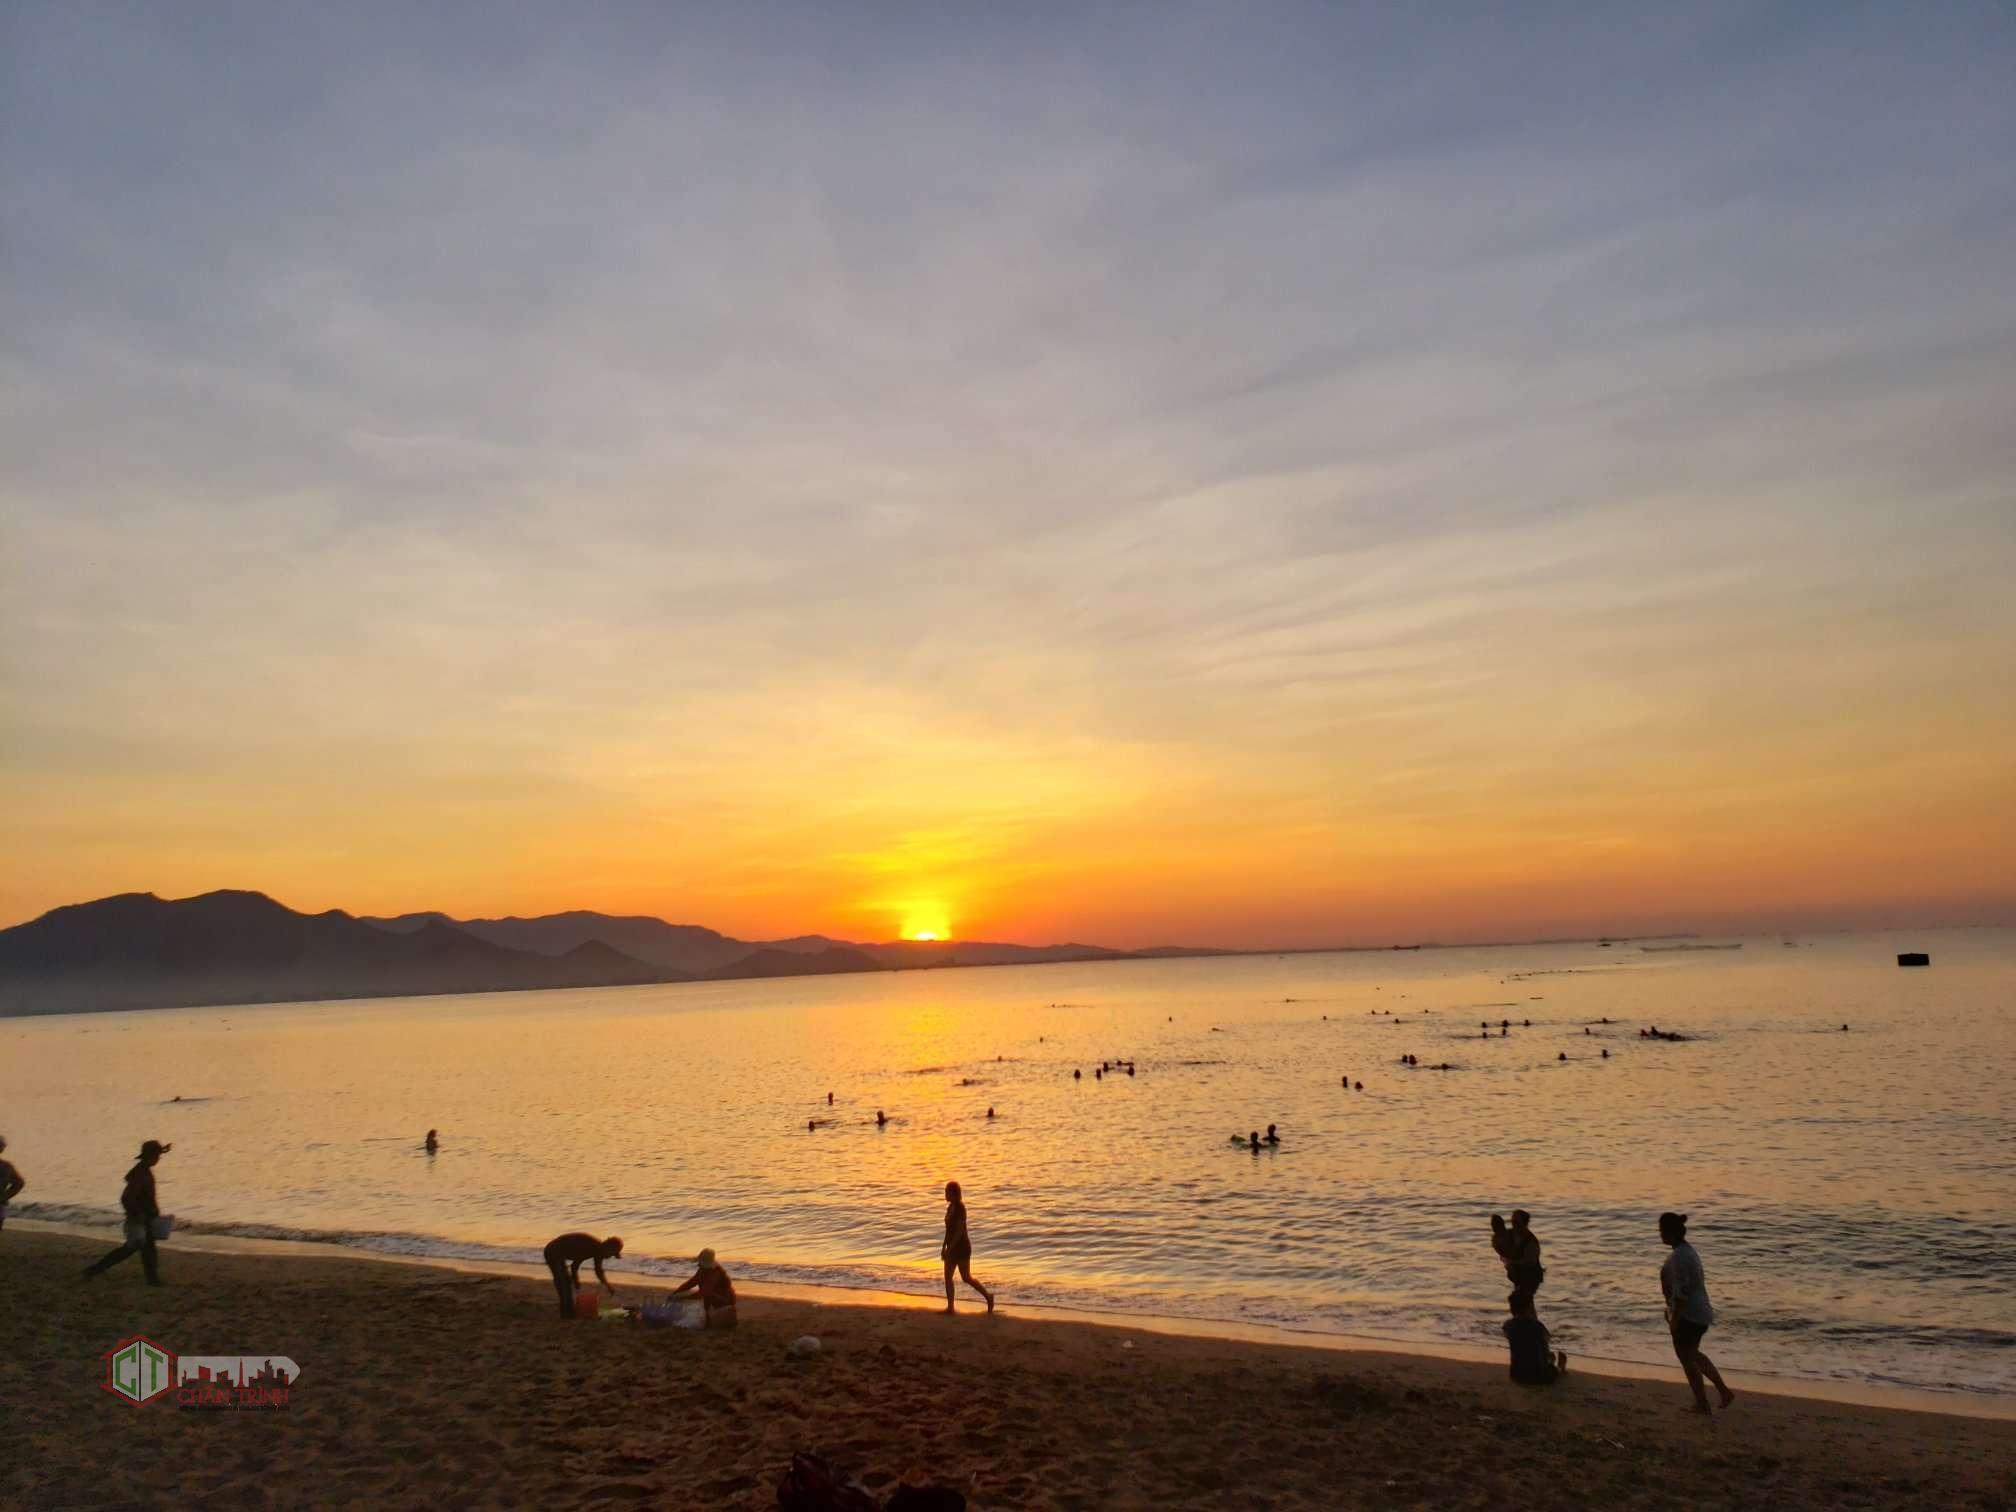 Chấn Trình đến Phan Rang vào dạng sáng nên chụp được cảnh Bình Minh rất đẹp